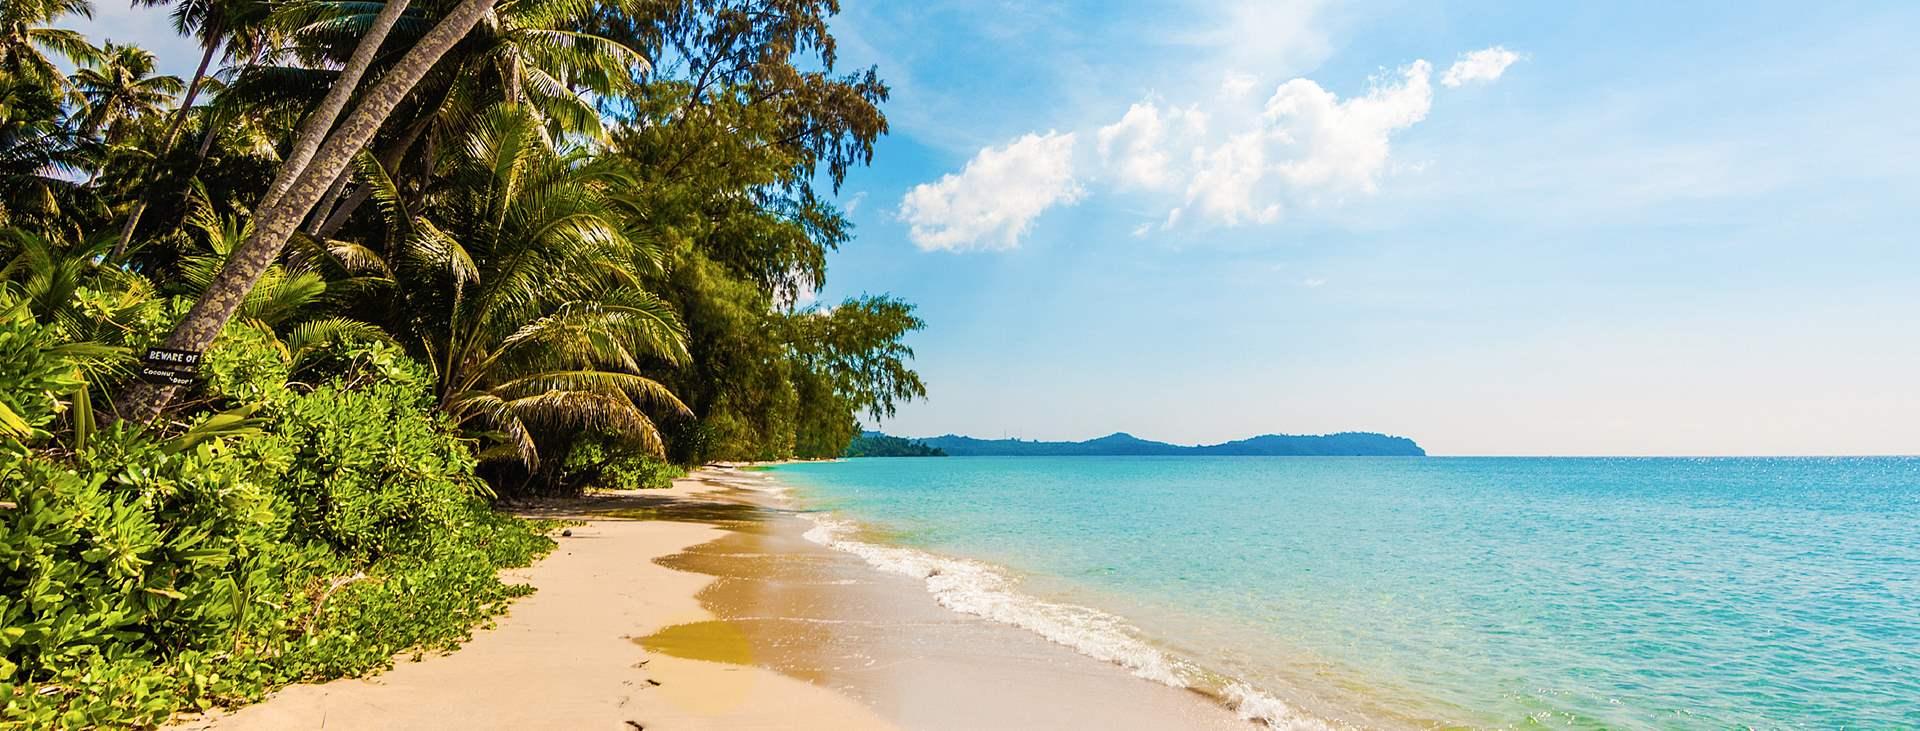 Boka din resa till Mahe i Seychellerna med Ving